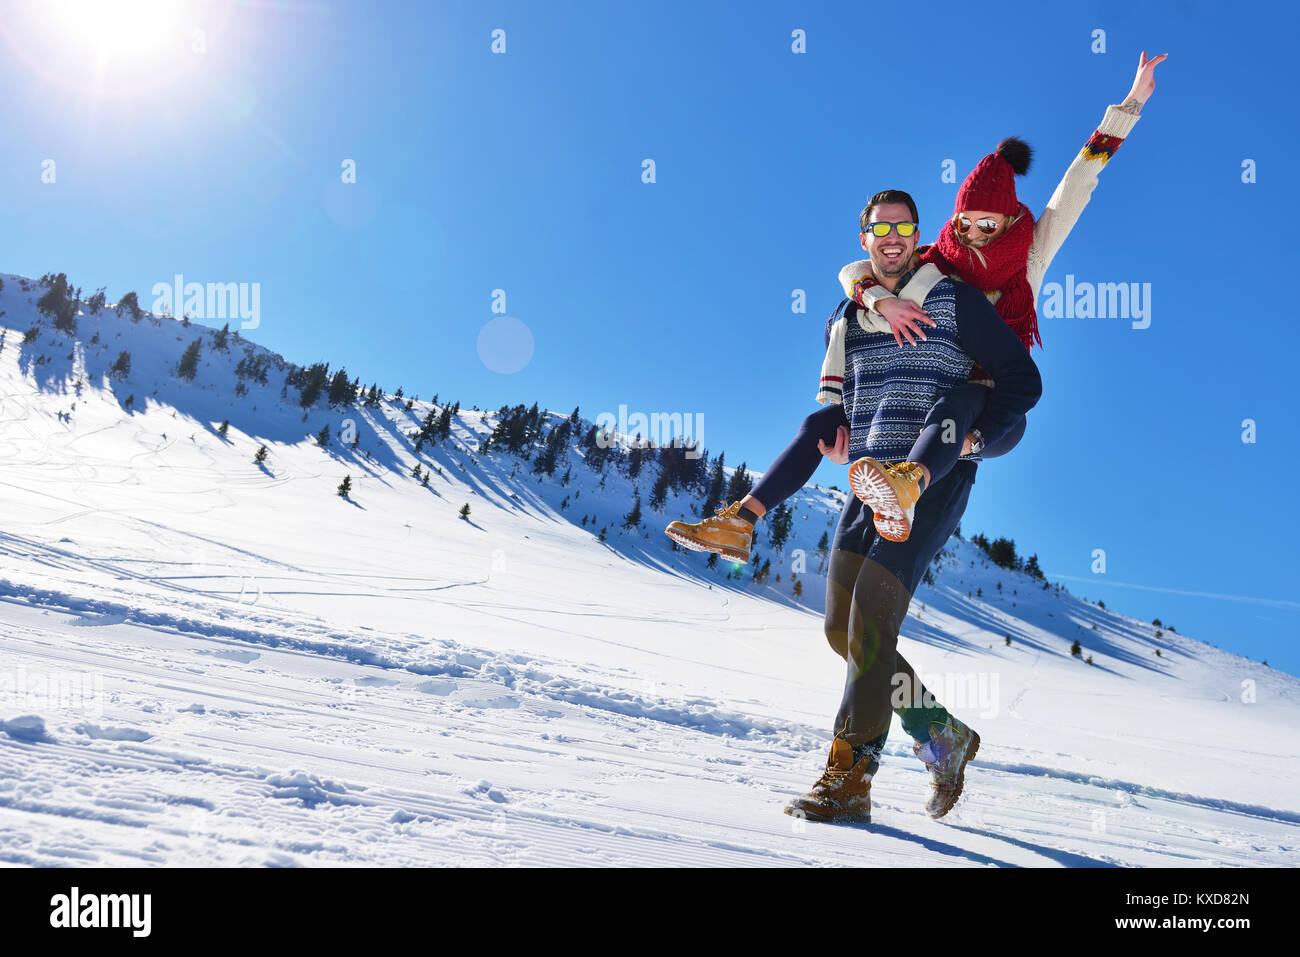 Young couple having fun sur la neige. Heureux l'homme à la montagne donnant à son piggyback ride smiling girlfriend. Banque D'Images